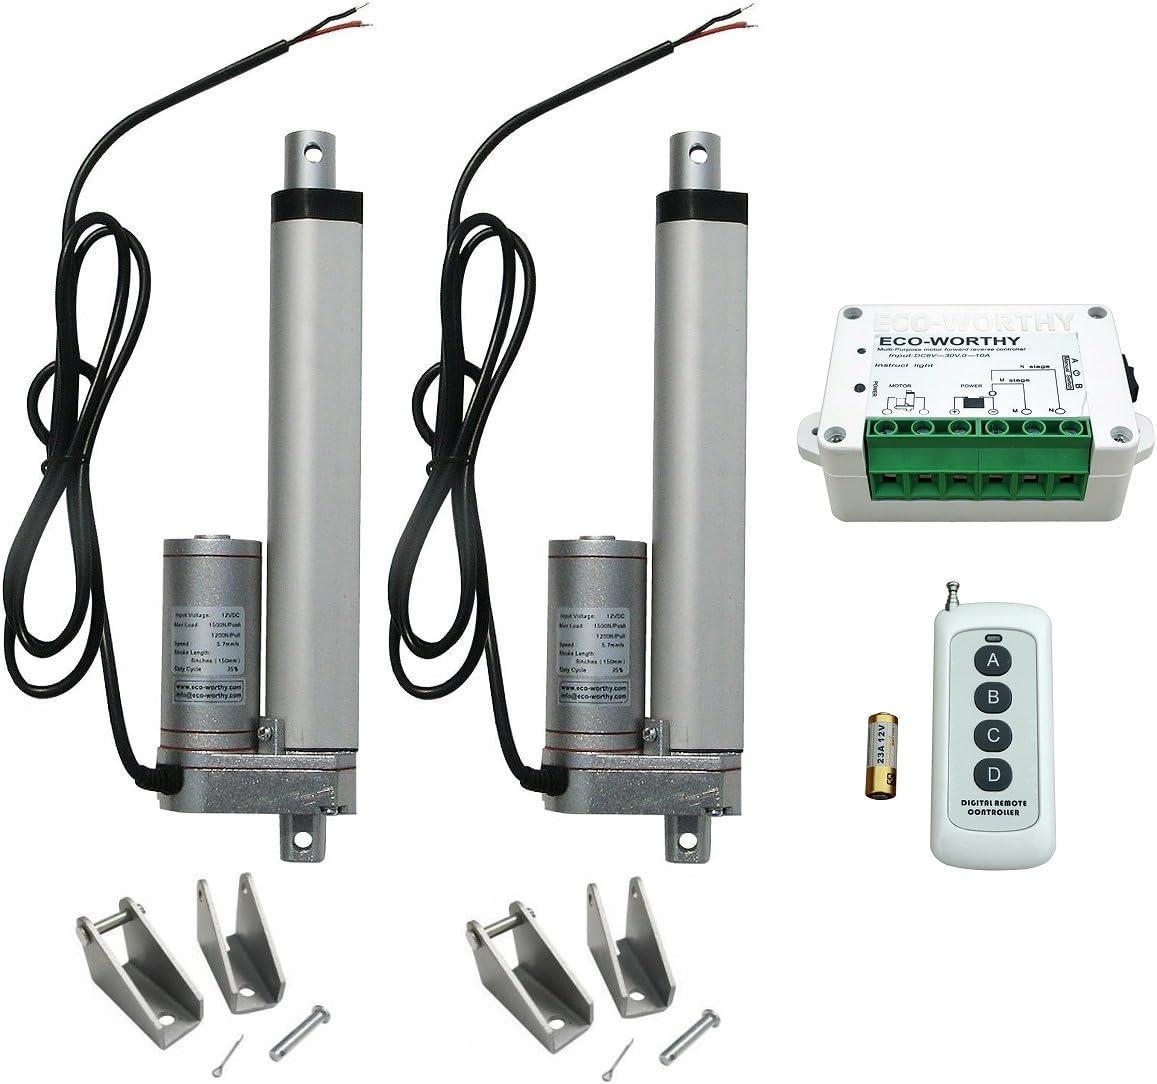 Paquete de 2 accionamientos lineales ECO WORTHY resistentes, de 12 V, motor de 1500 N, mando a distancia y soportes incluidos, 6 Inch, 2pcs Actuator + Remote Control Kit